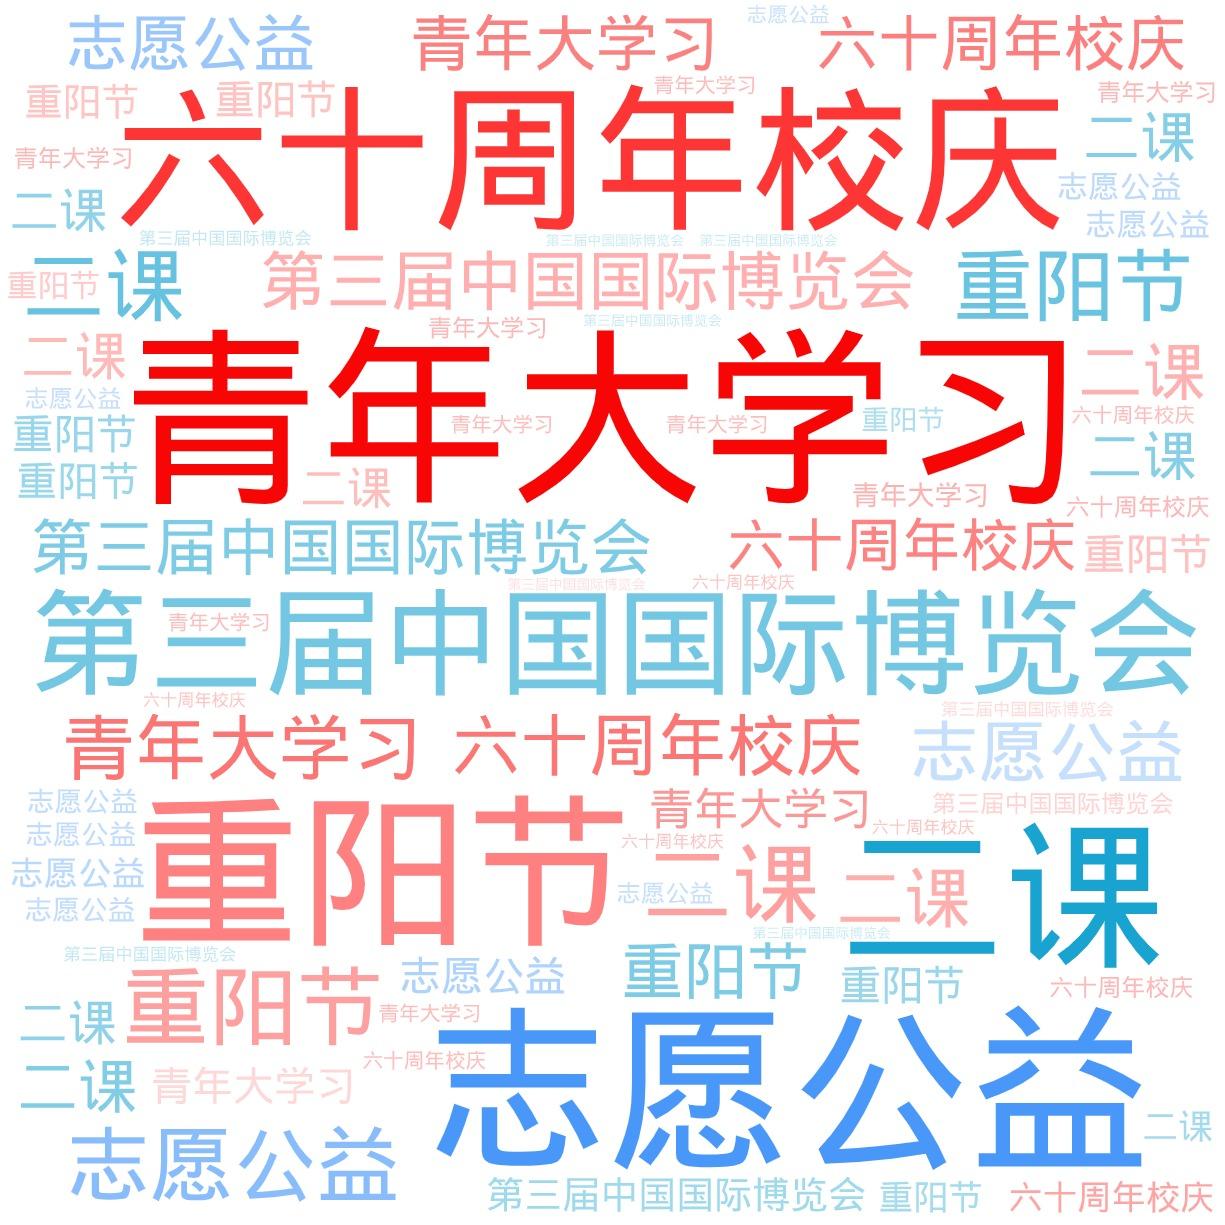 词云图,文字云,青年大学习 志愿公益 六十周年校庆 重阳节 二课 第三届中国国际博览会